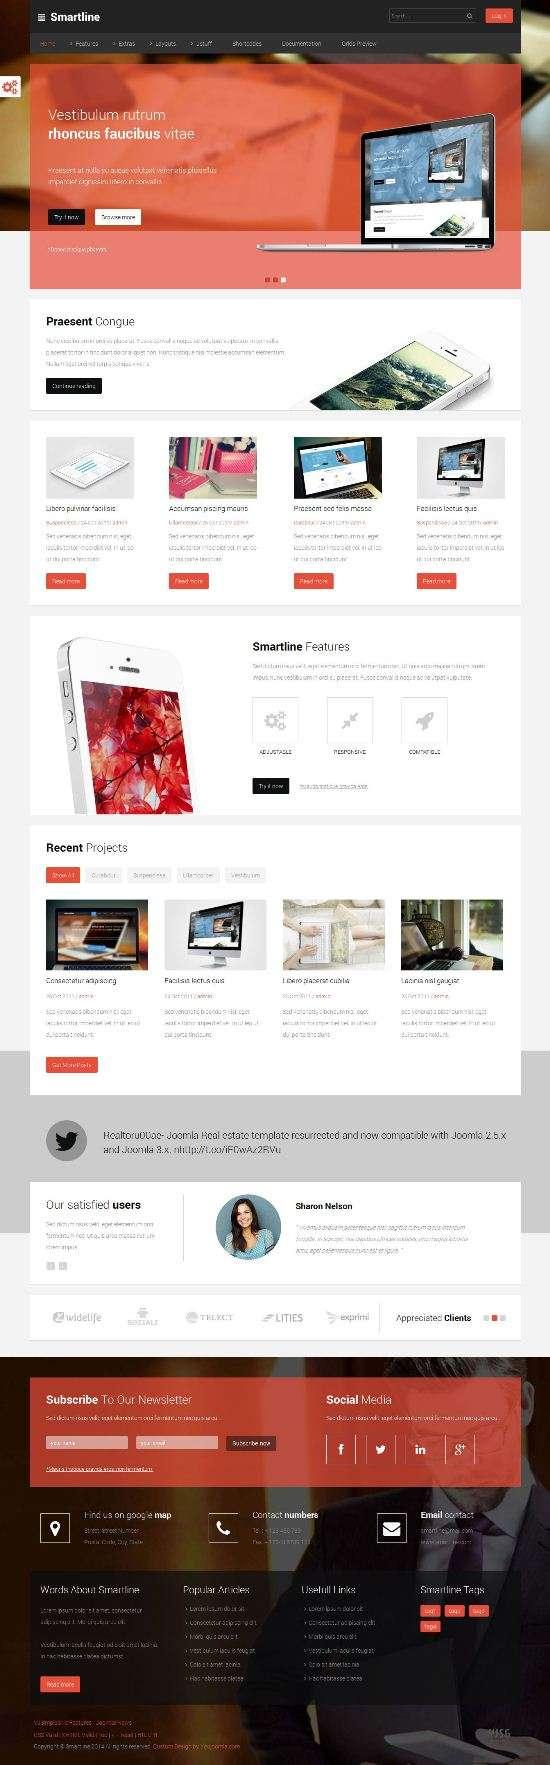 smartline-youjoomla-business